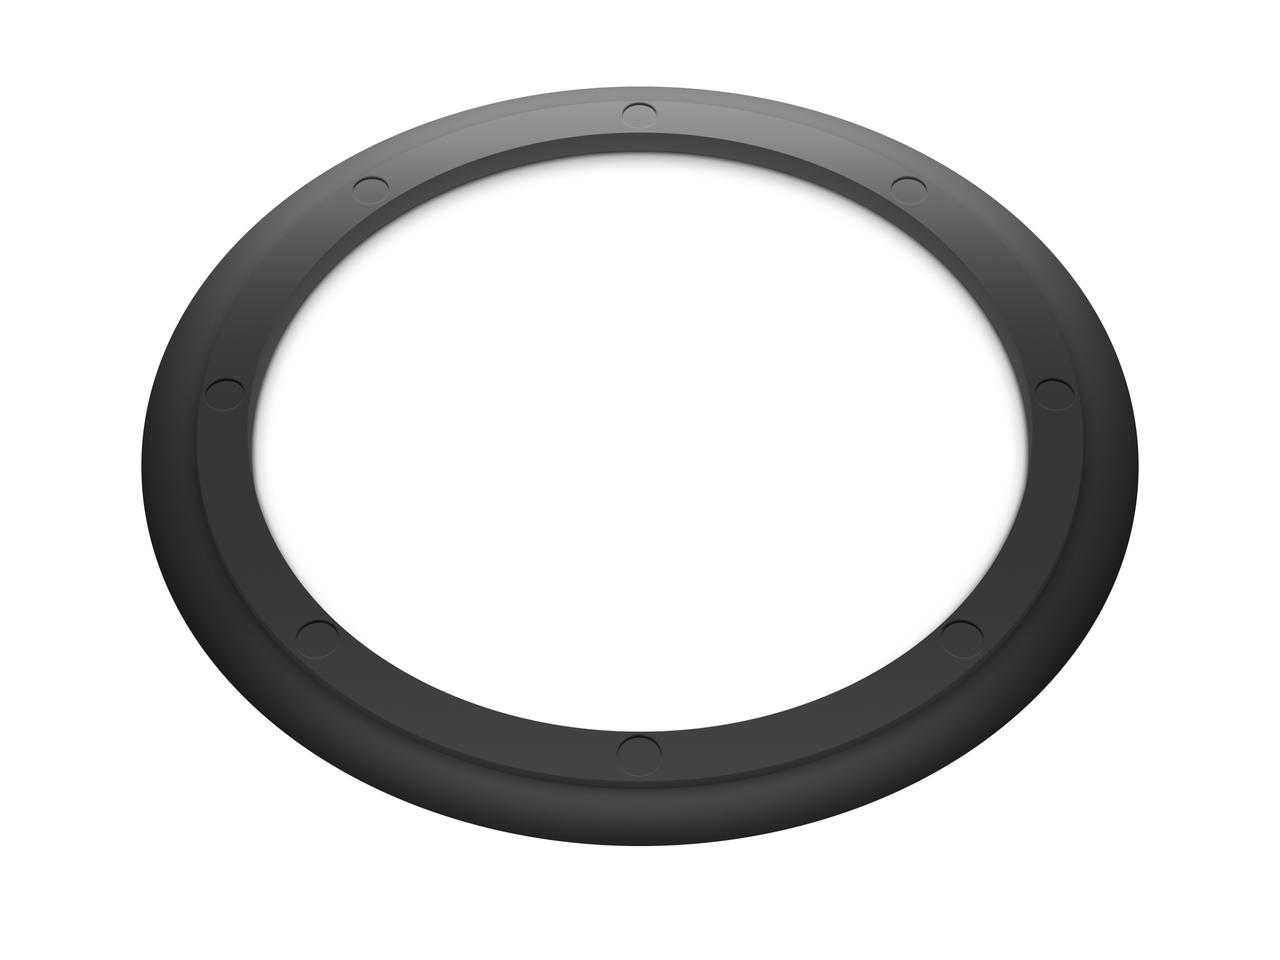 Кольцо резиновое уплотнительное для двустенной трубы D 90мм